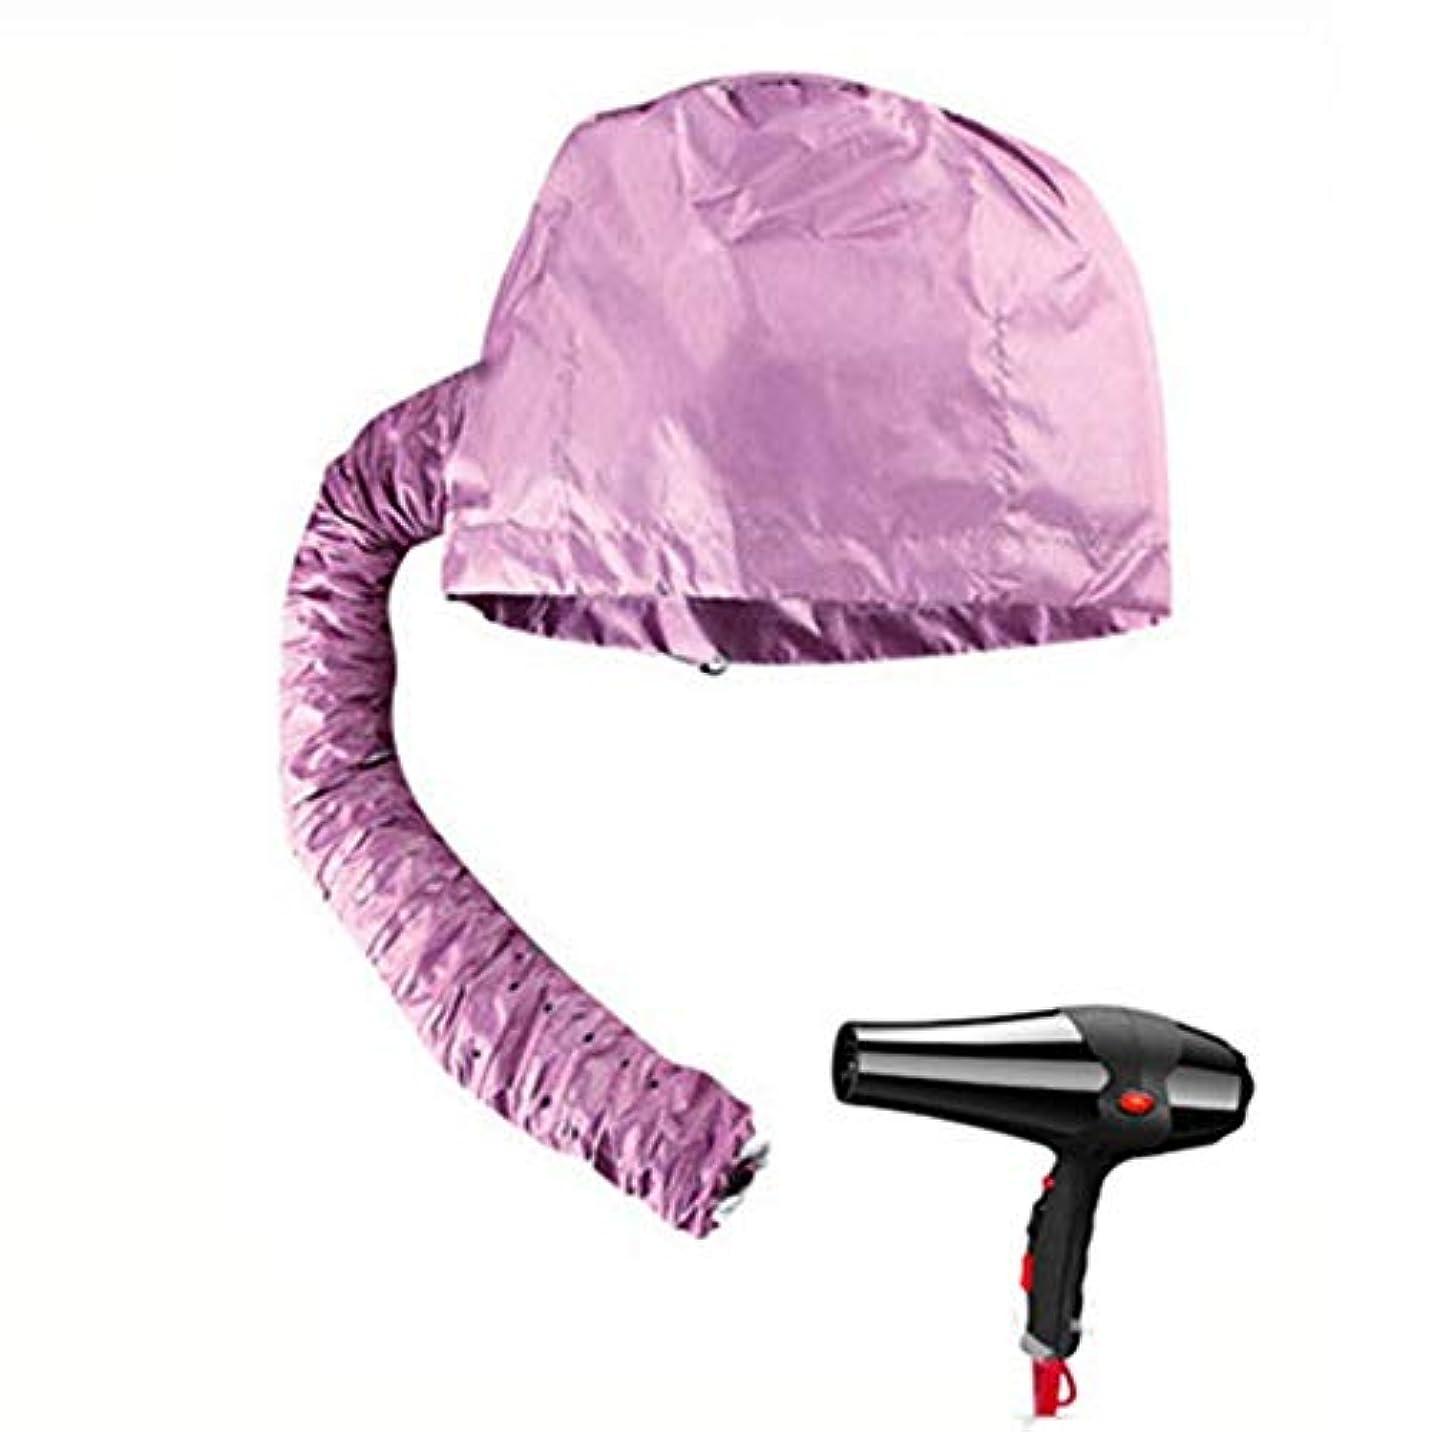 フレームワーク水を飲む息苦しいTerGOOSE ヒートキャップ ヘアドライヤーキャップ 加温キャップ DIY 加熱機能 マイルドヒートキャップ ヘアケア帽子 髪干し帽子 髪ケア ホームサロン タイマー機能 携帯(パープル)